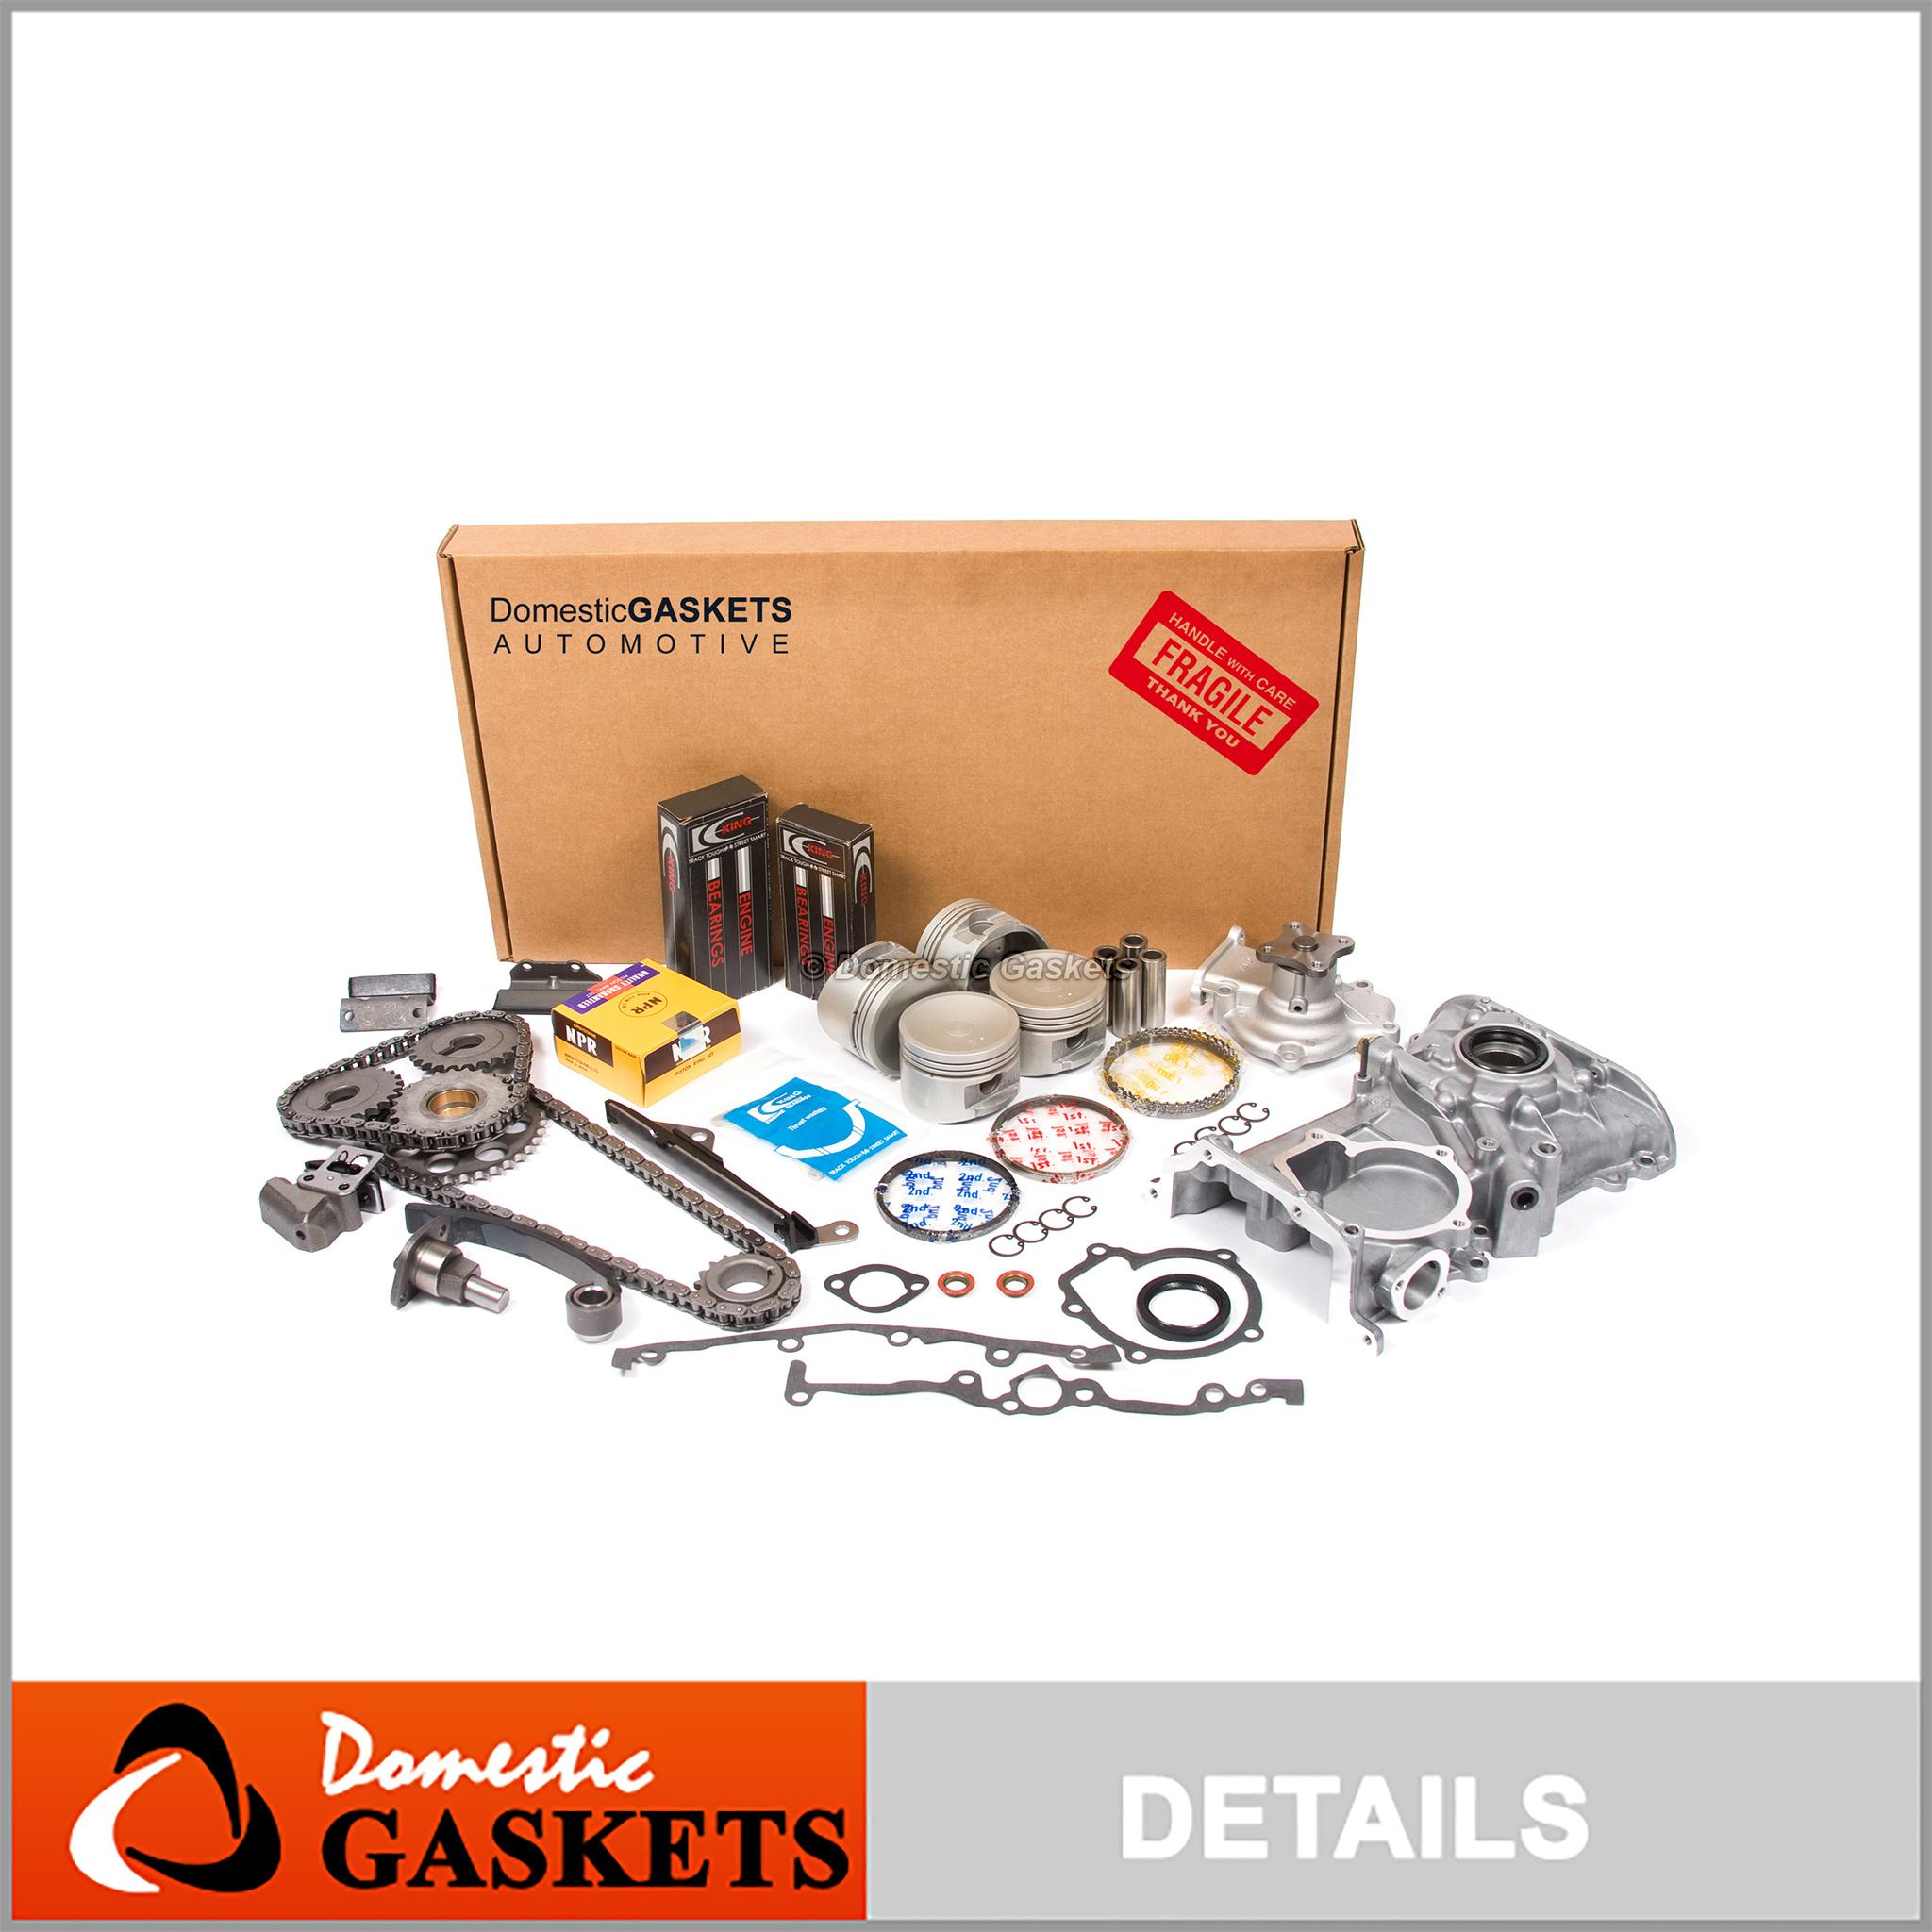 2001 Nissan Sentra Gxe L4 18 Engine Parts Diagram